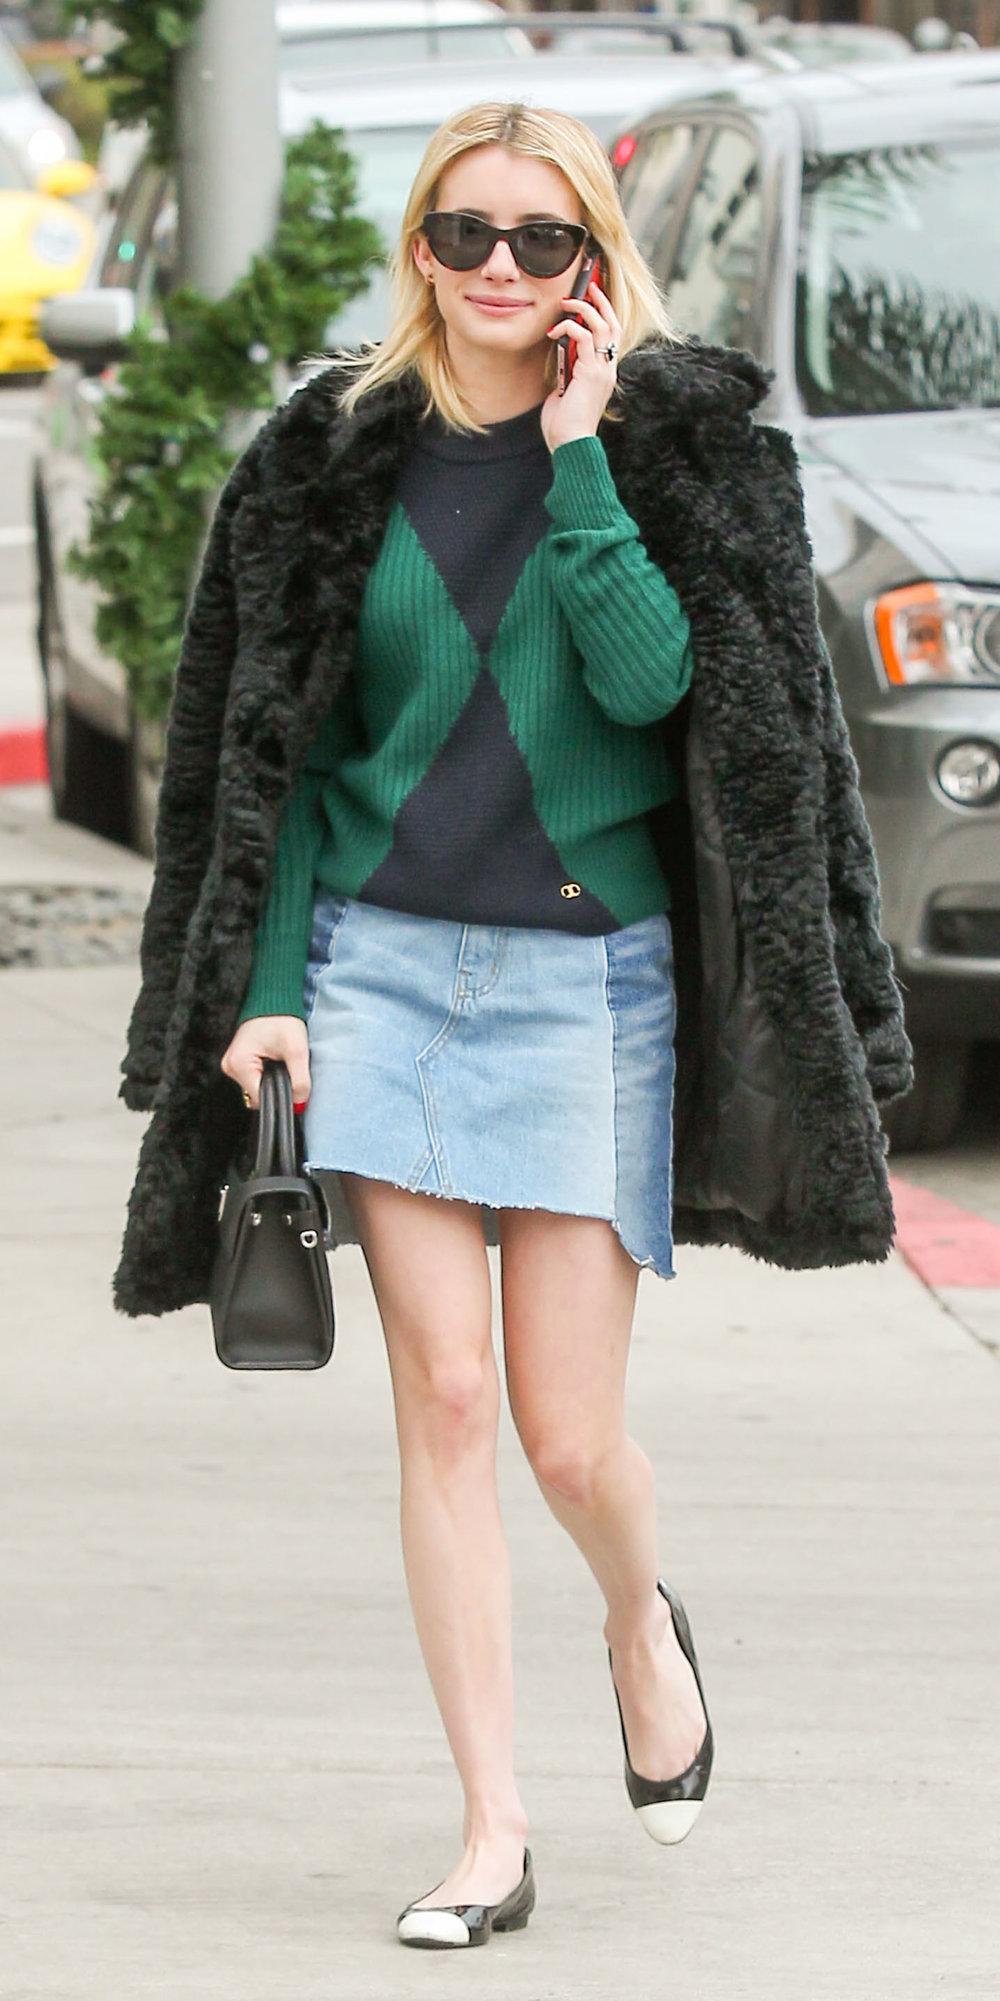 2047ddb33cf blue-light-mini-skirt-emmaroberts-green-emerald-sweater-